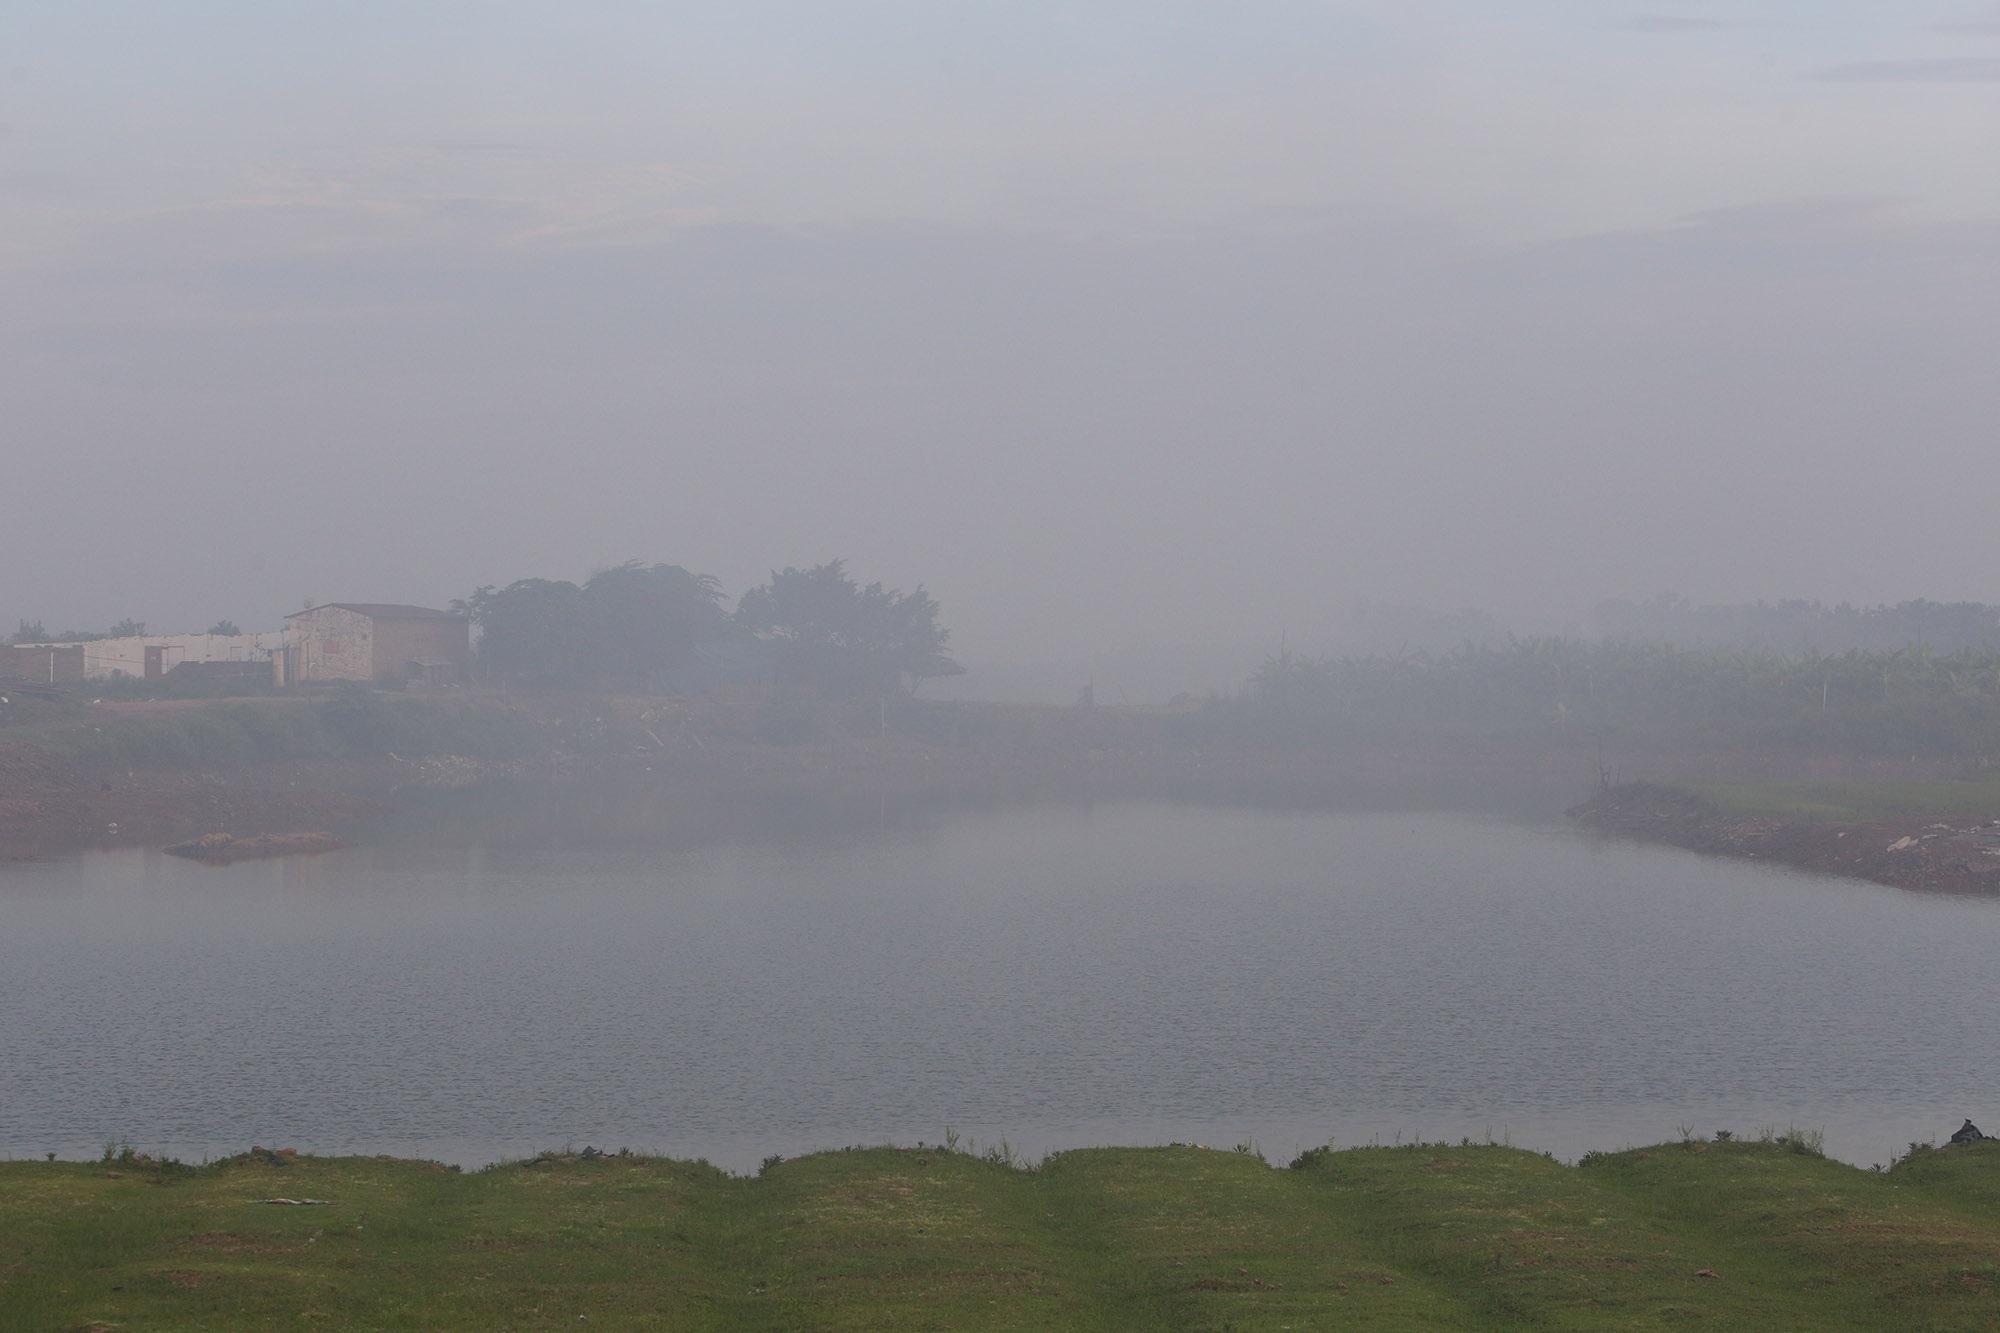 Cảnh khói trắng đặc quánh bao phủ cửa ngõ Hà Nội - 10